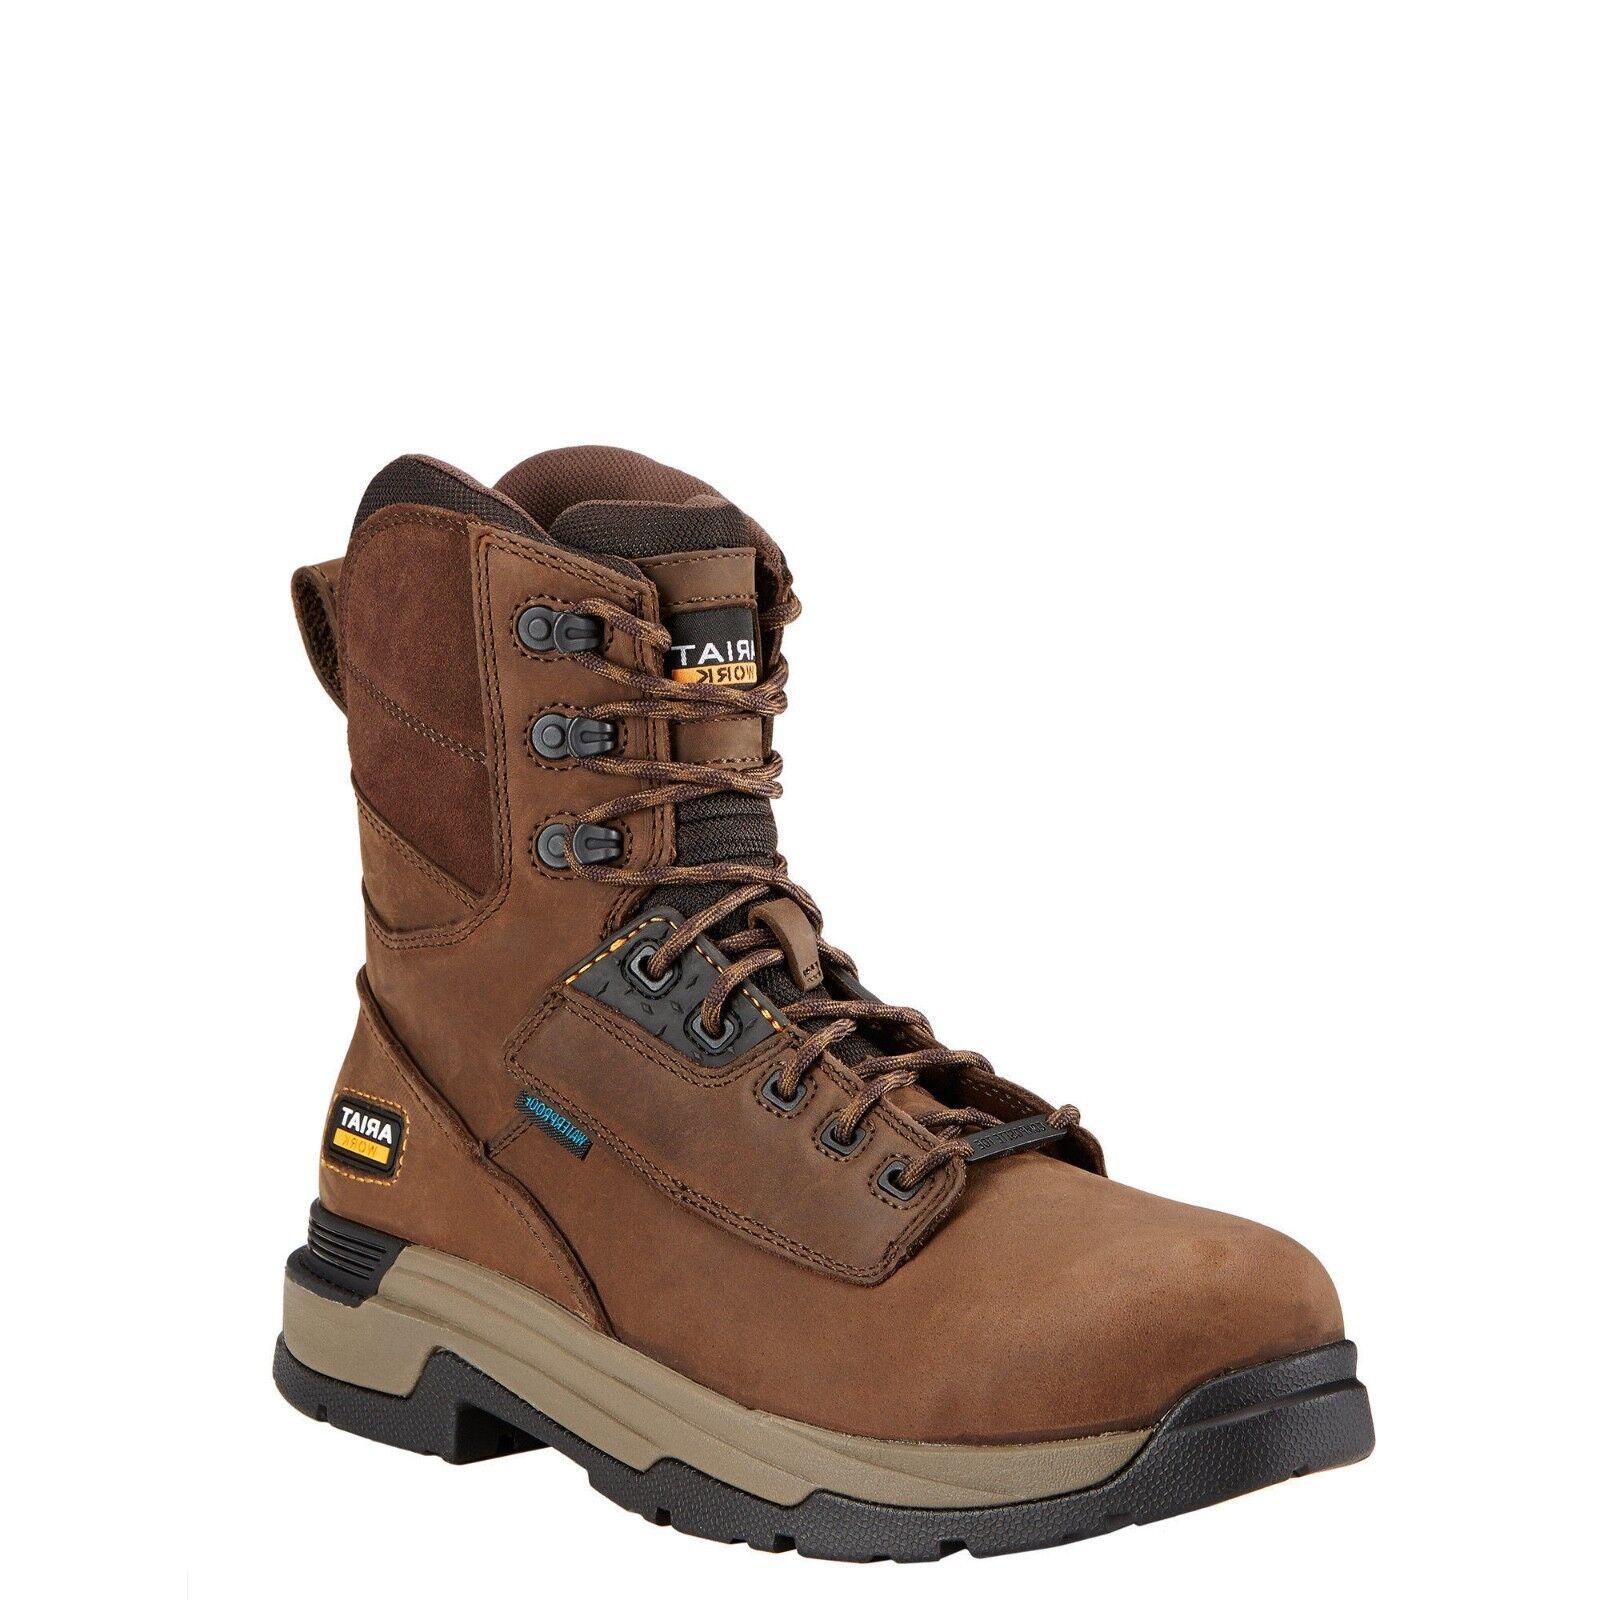 Ariat® Men's MasterGrip Waterproof Composite Toe Brown Work Boots 10017429